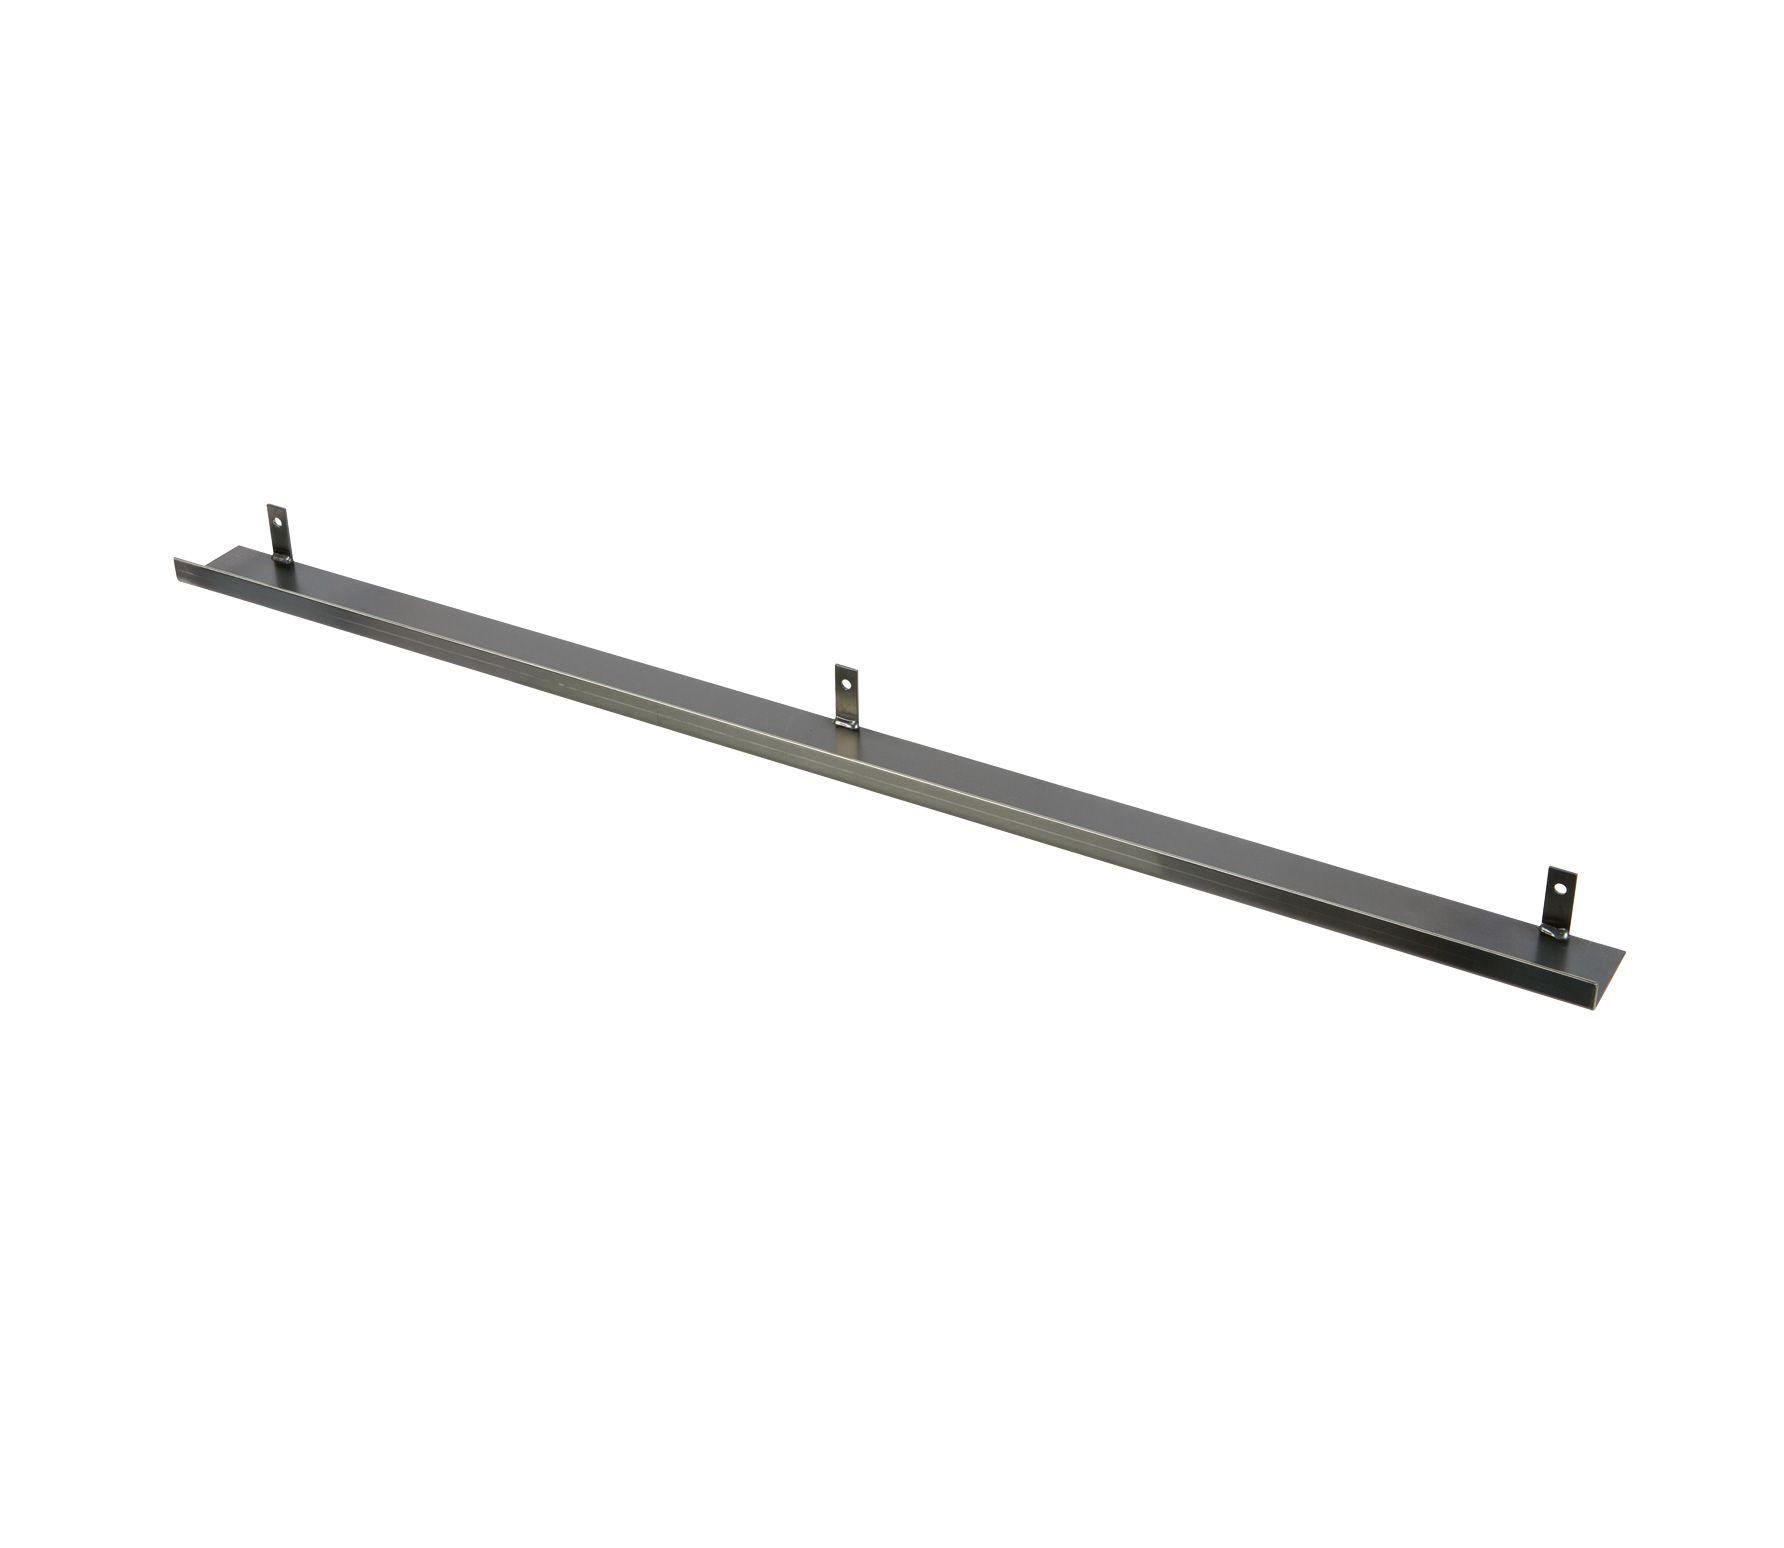 Wandplank Zwart Metaal.Lange Wandplank Barnwood Met Industriele Stalen Beugels